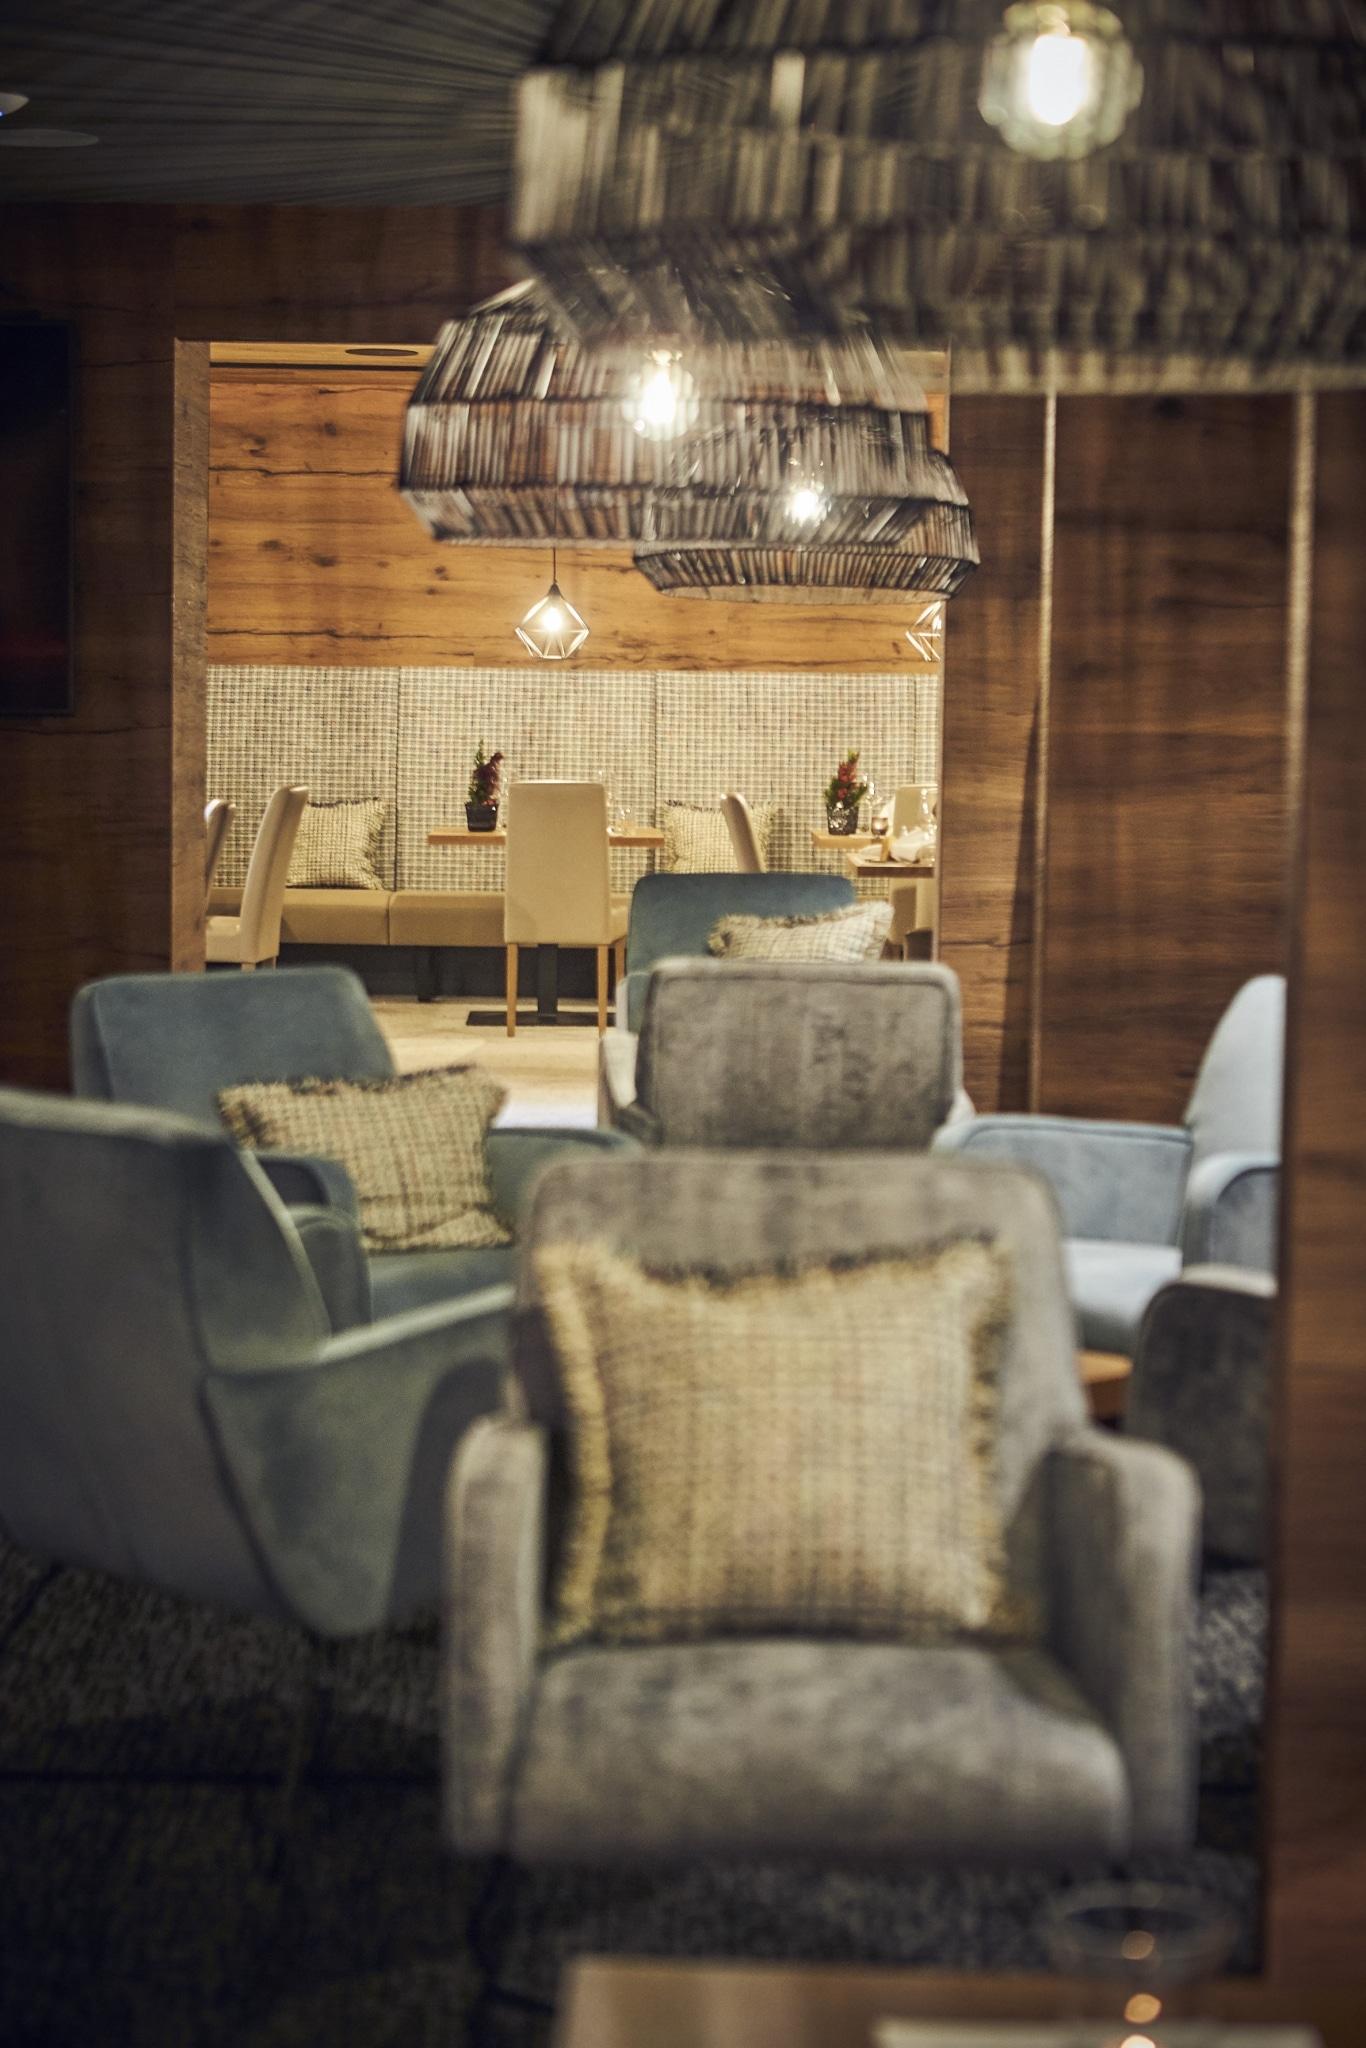 Unser Speisesaal scharf im Hintergrund und unser Loungebereich unscharf im Vordergrund